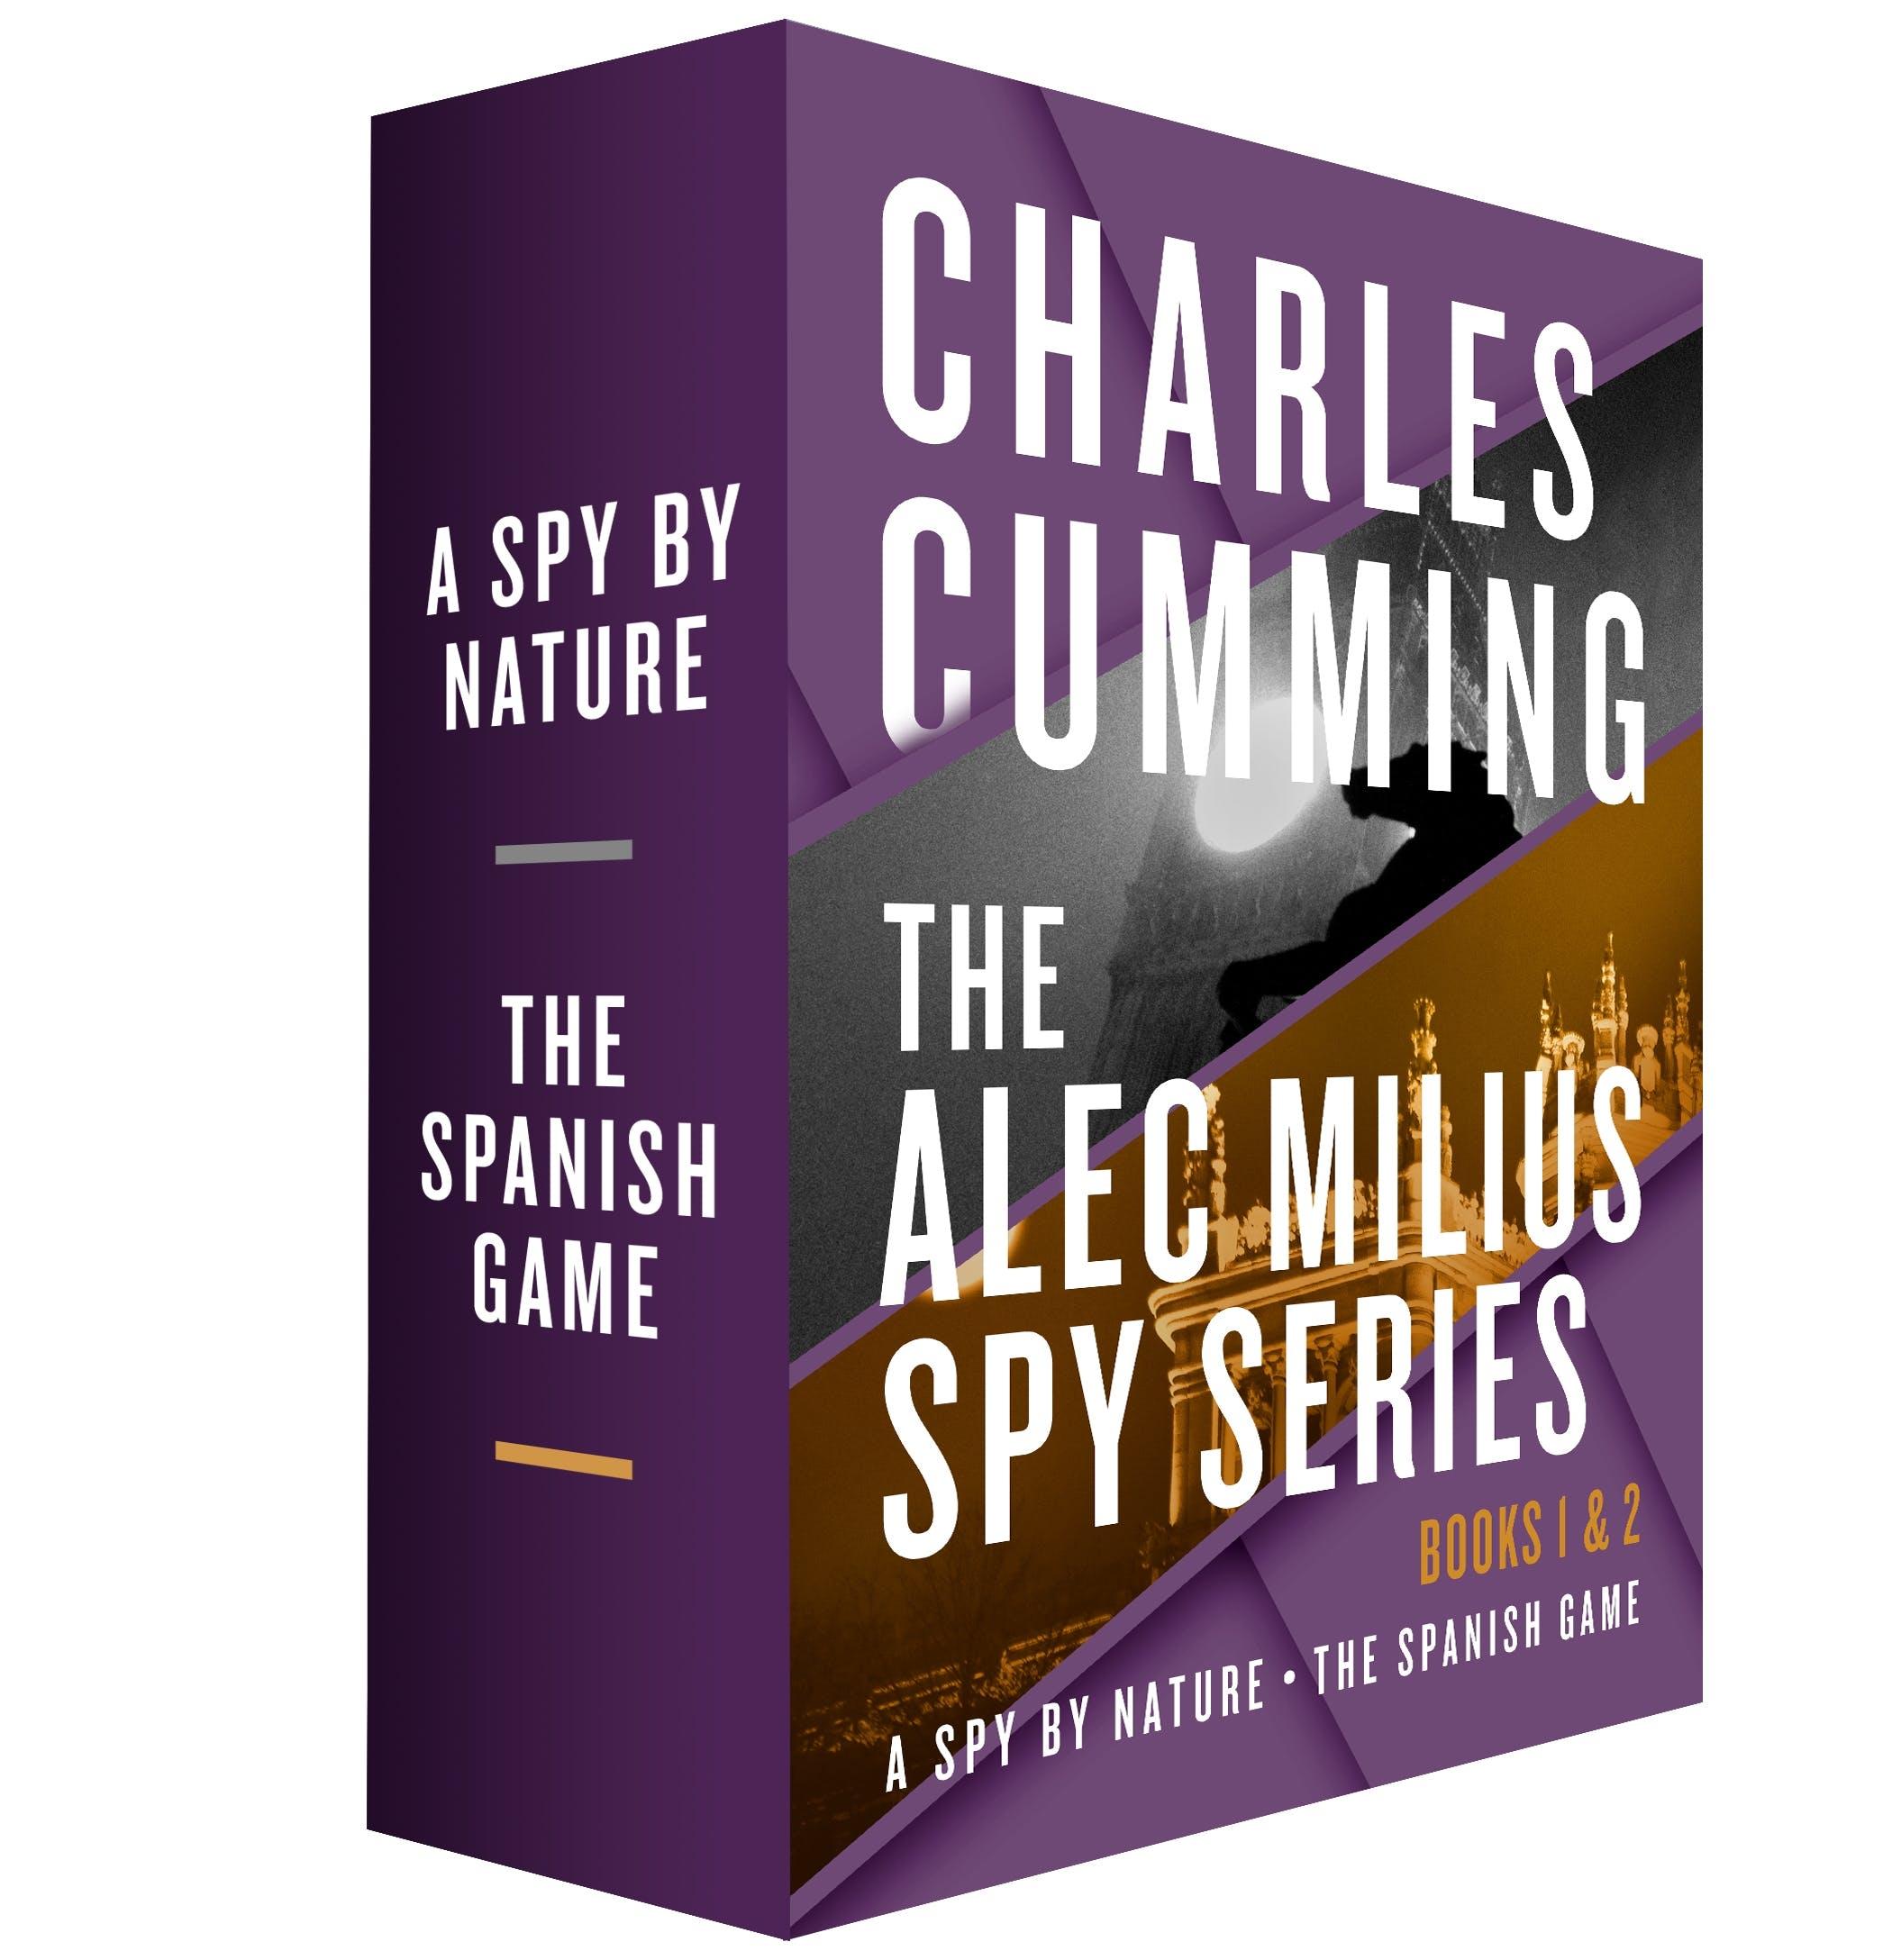 Image of The Alec Milius Spy Series: Books 1 & 2